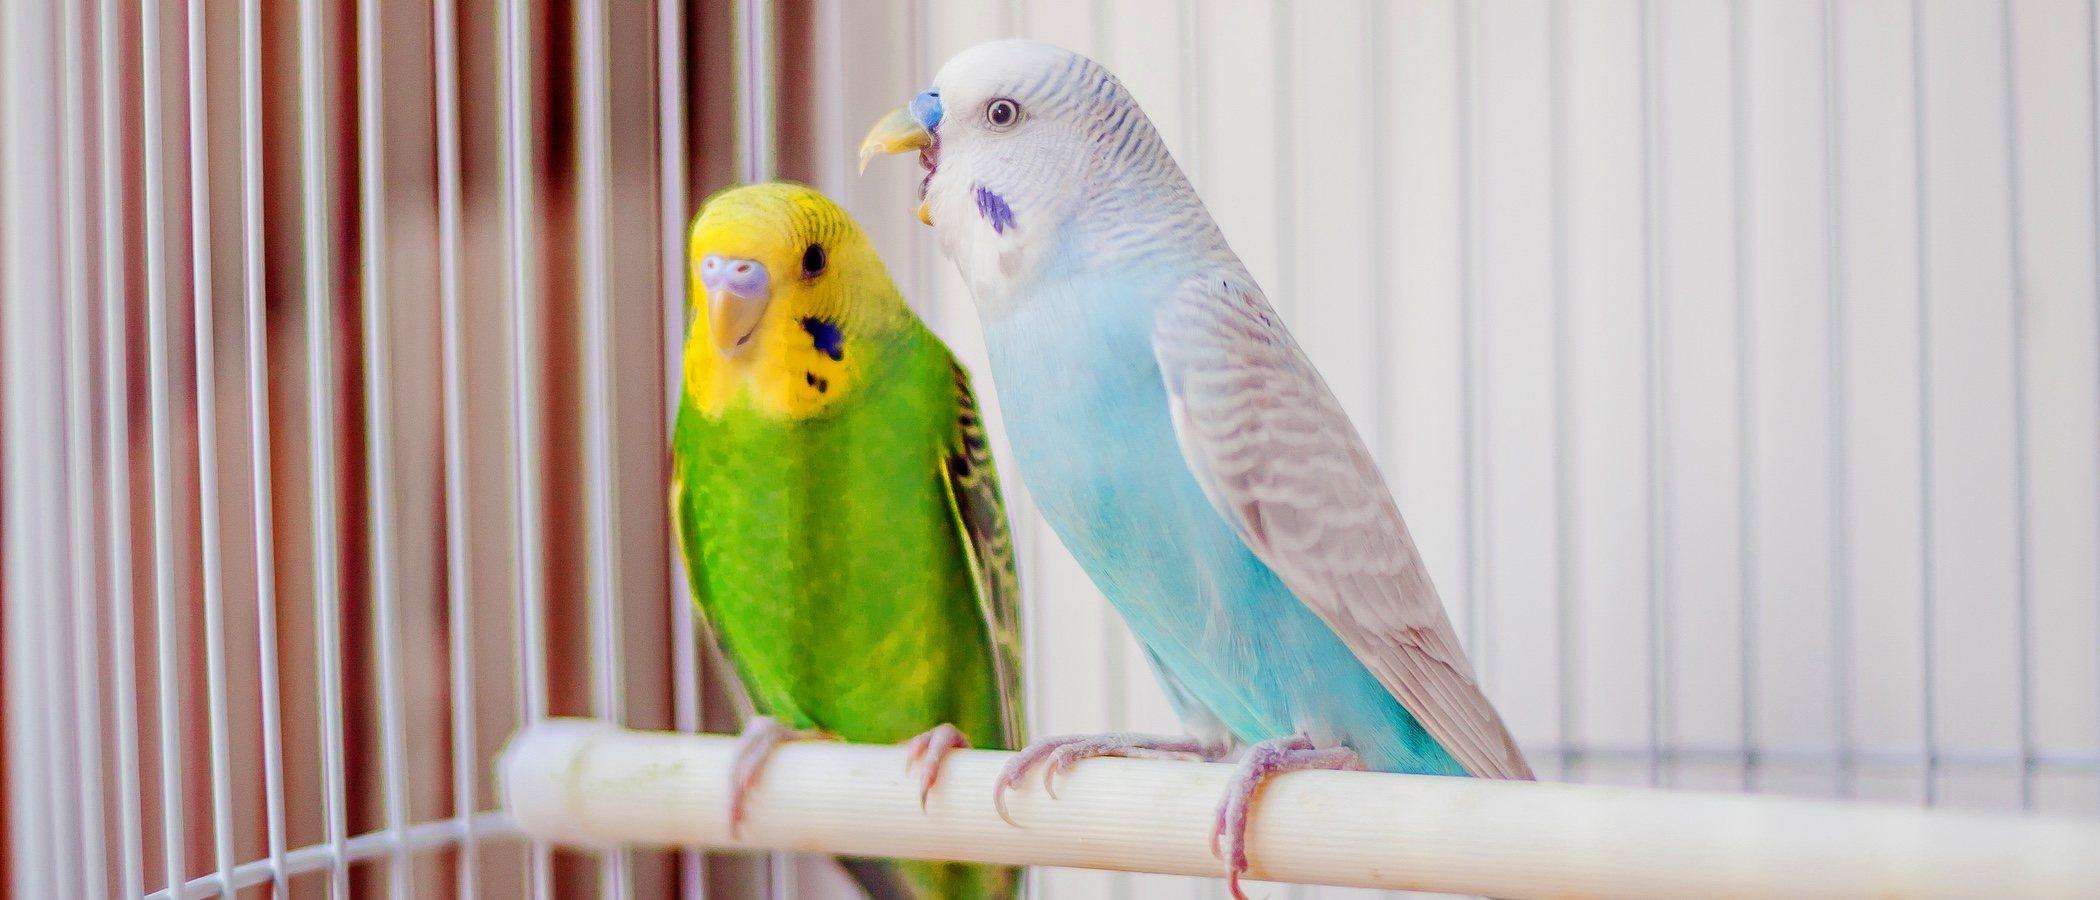 Enfermedades de las aves que se detectan por sus plumas